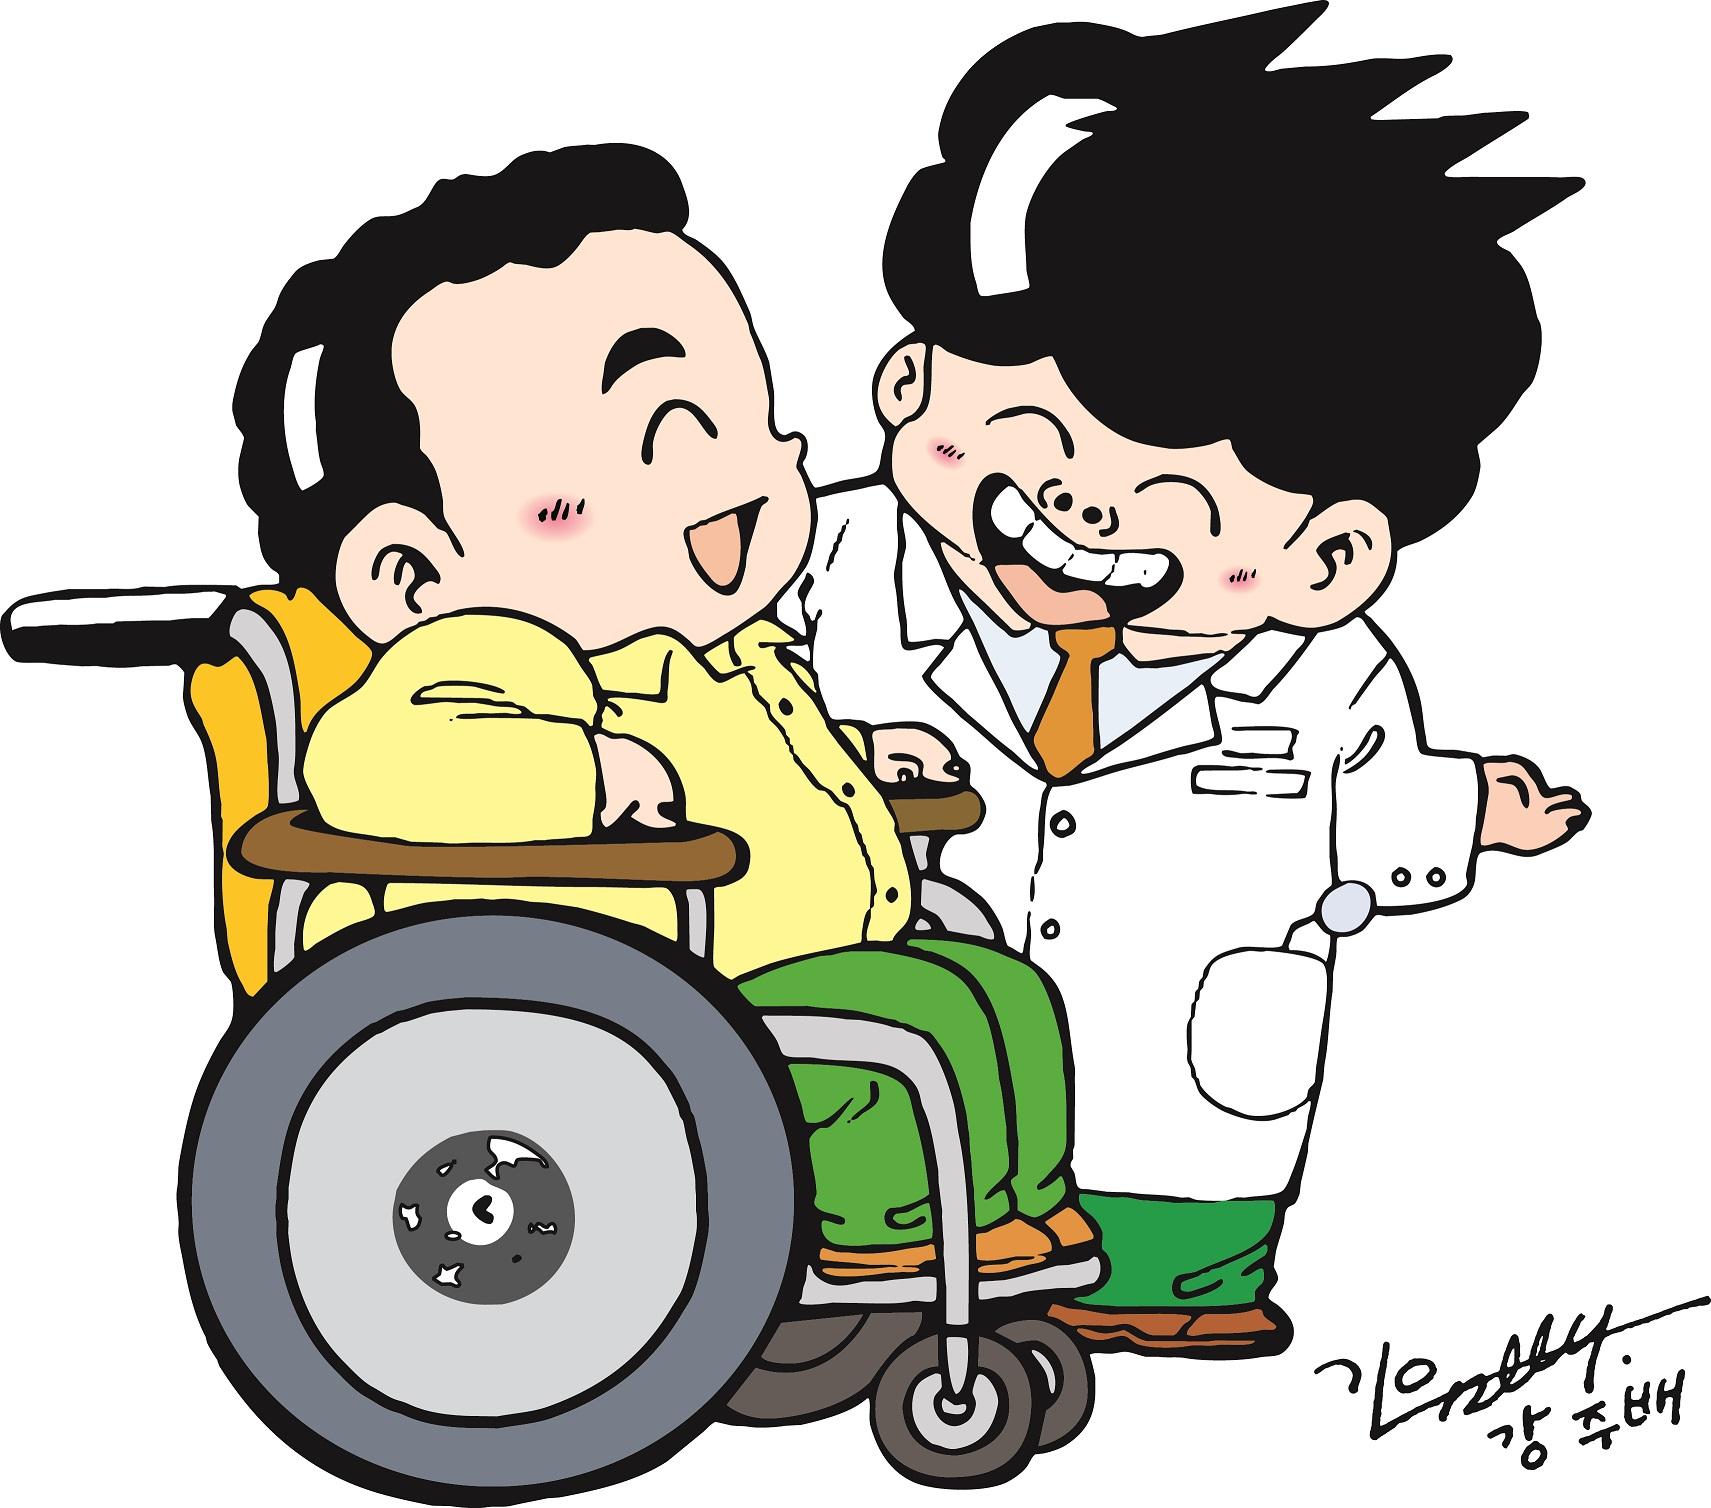 장애인먼저실천운동본부, 장애인이 치과 가는 날 '블루 스마일 데이' 캠페인 시작